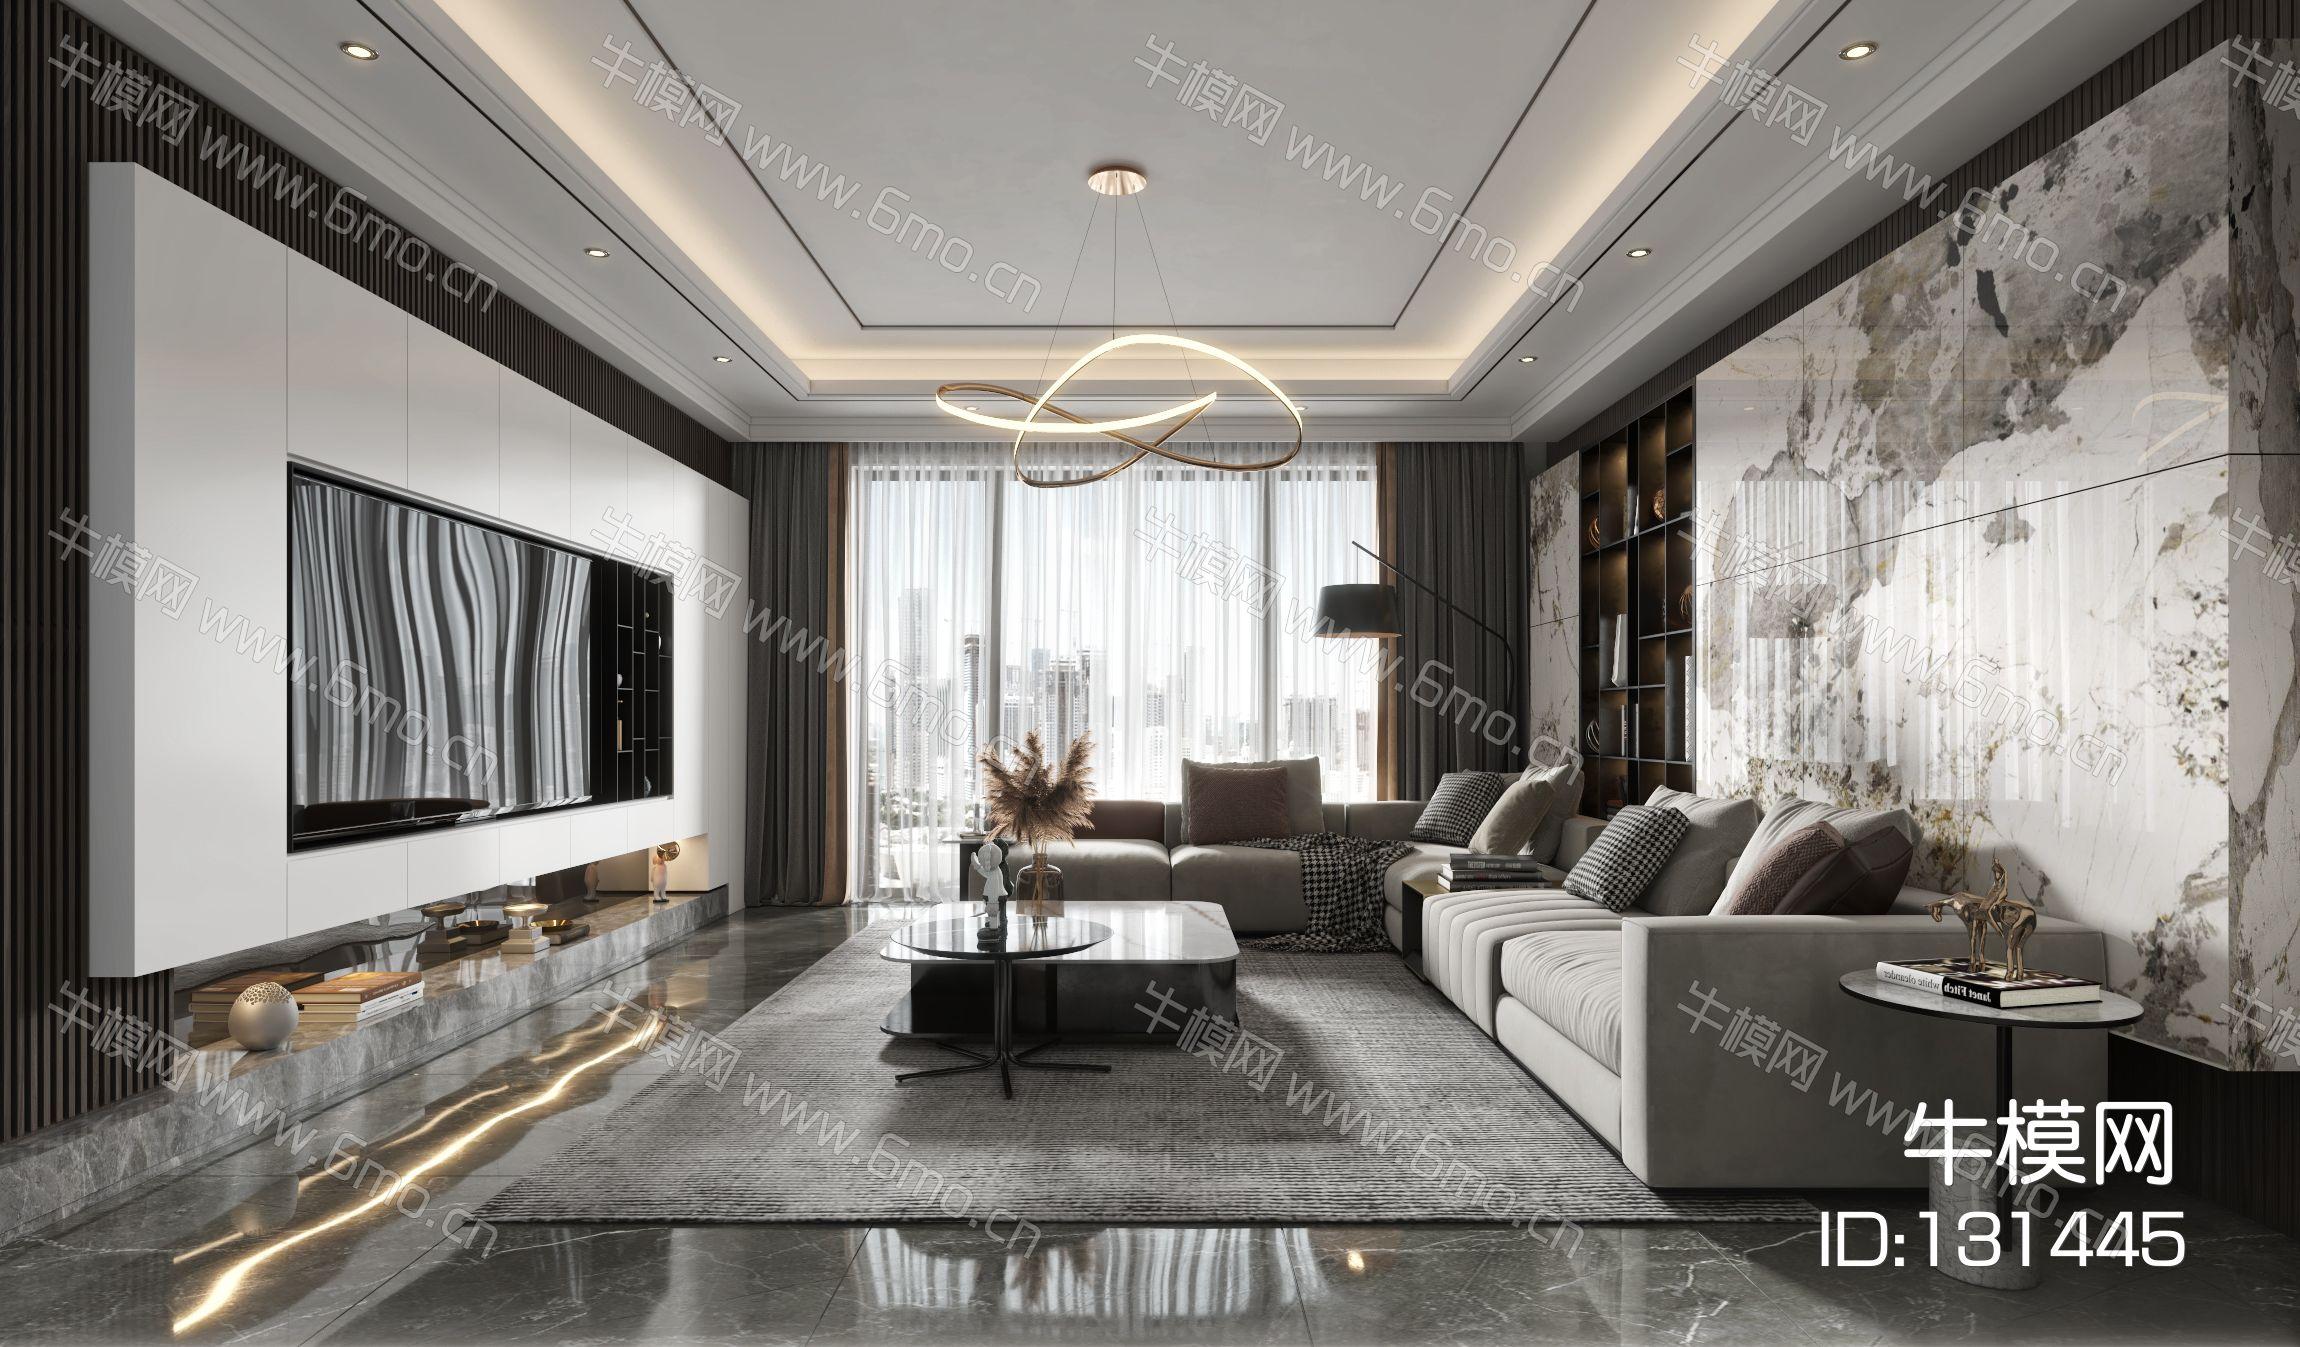 现代客厅餐厅,沙发,餐桌,电视柜,吊灯,装饰画